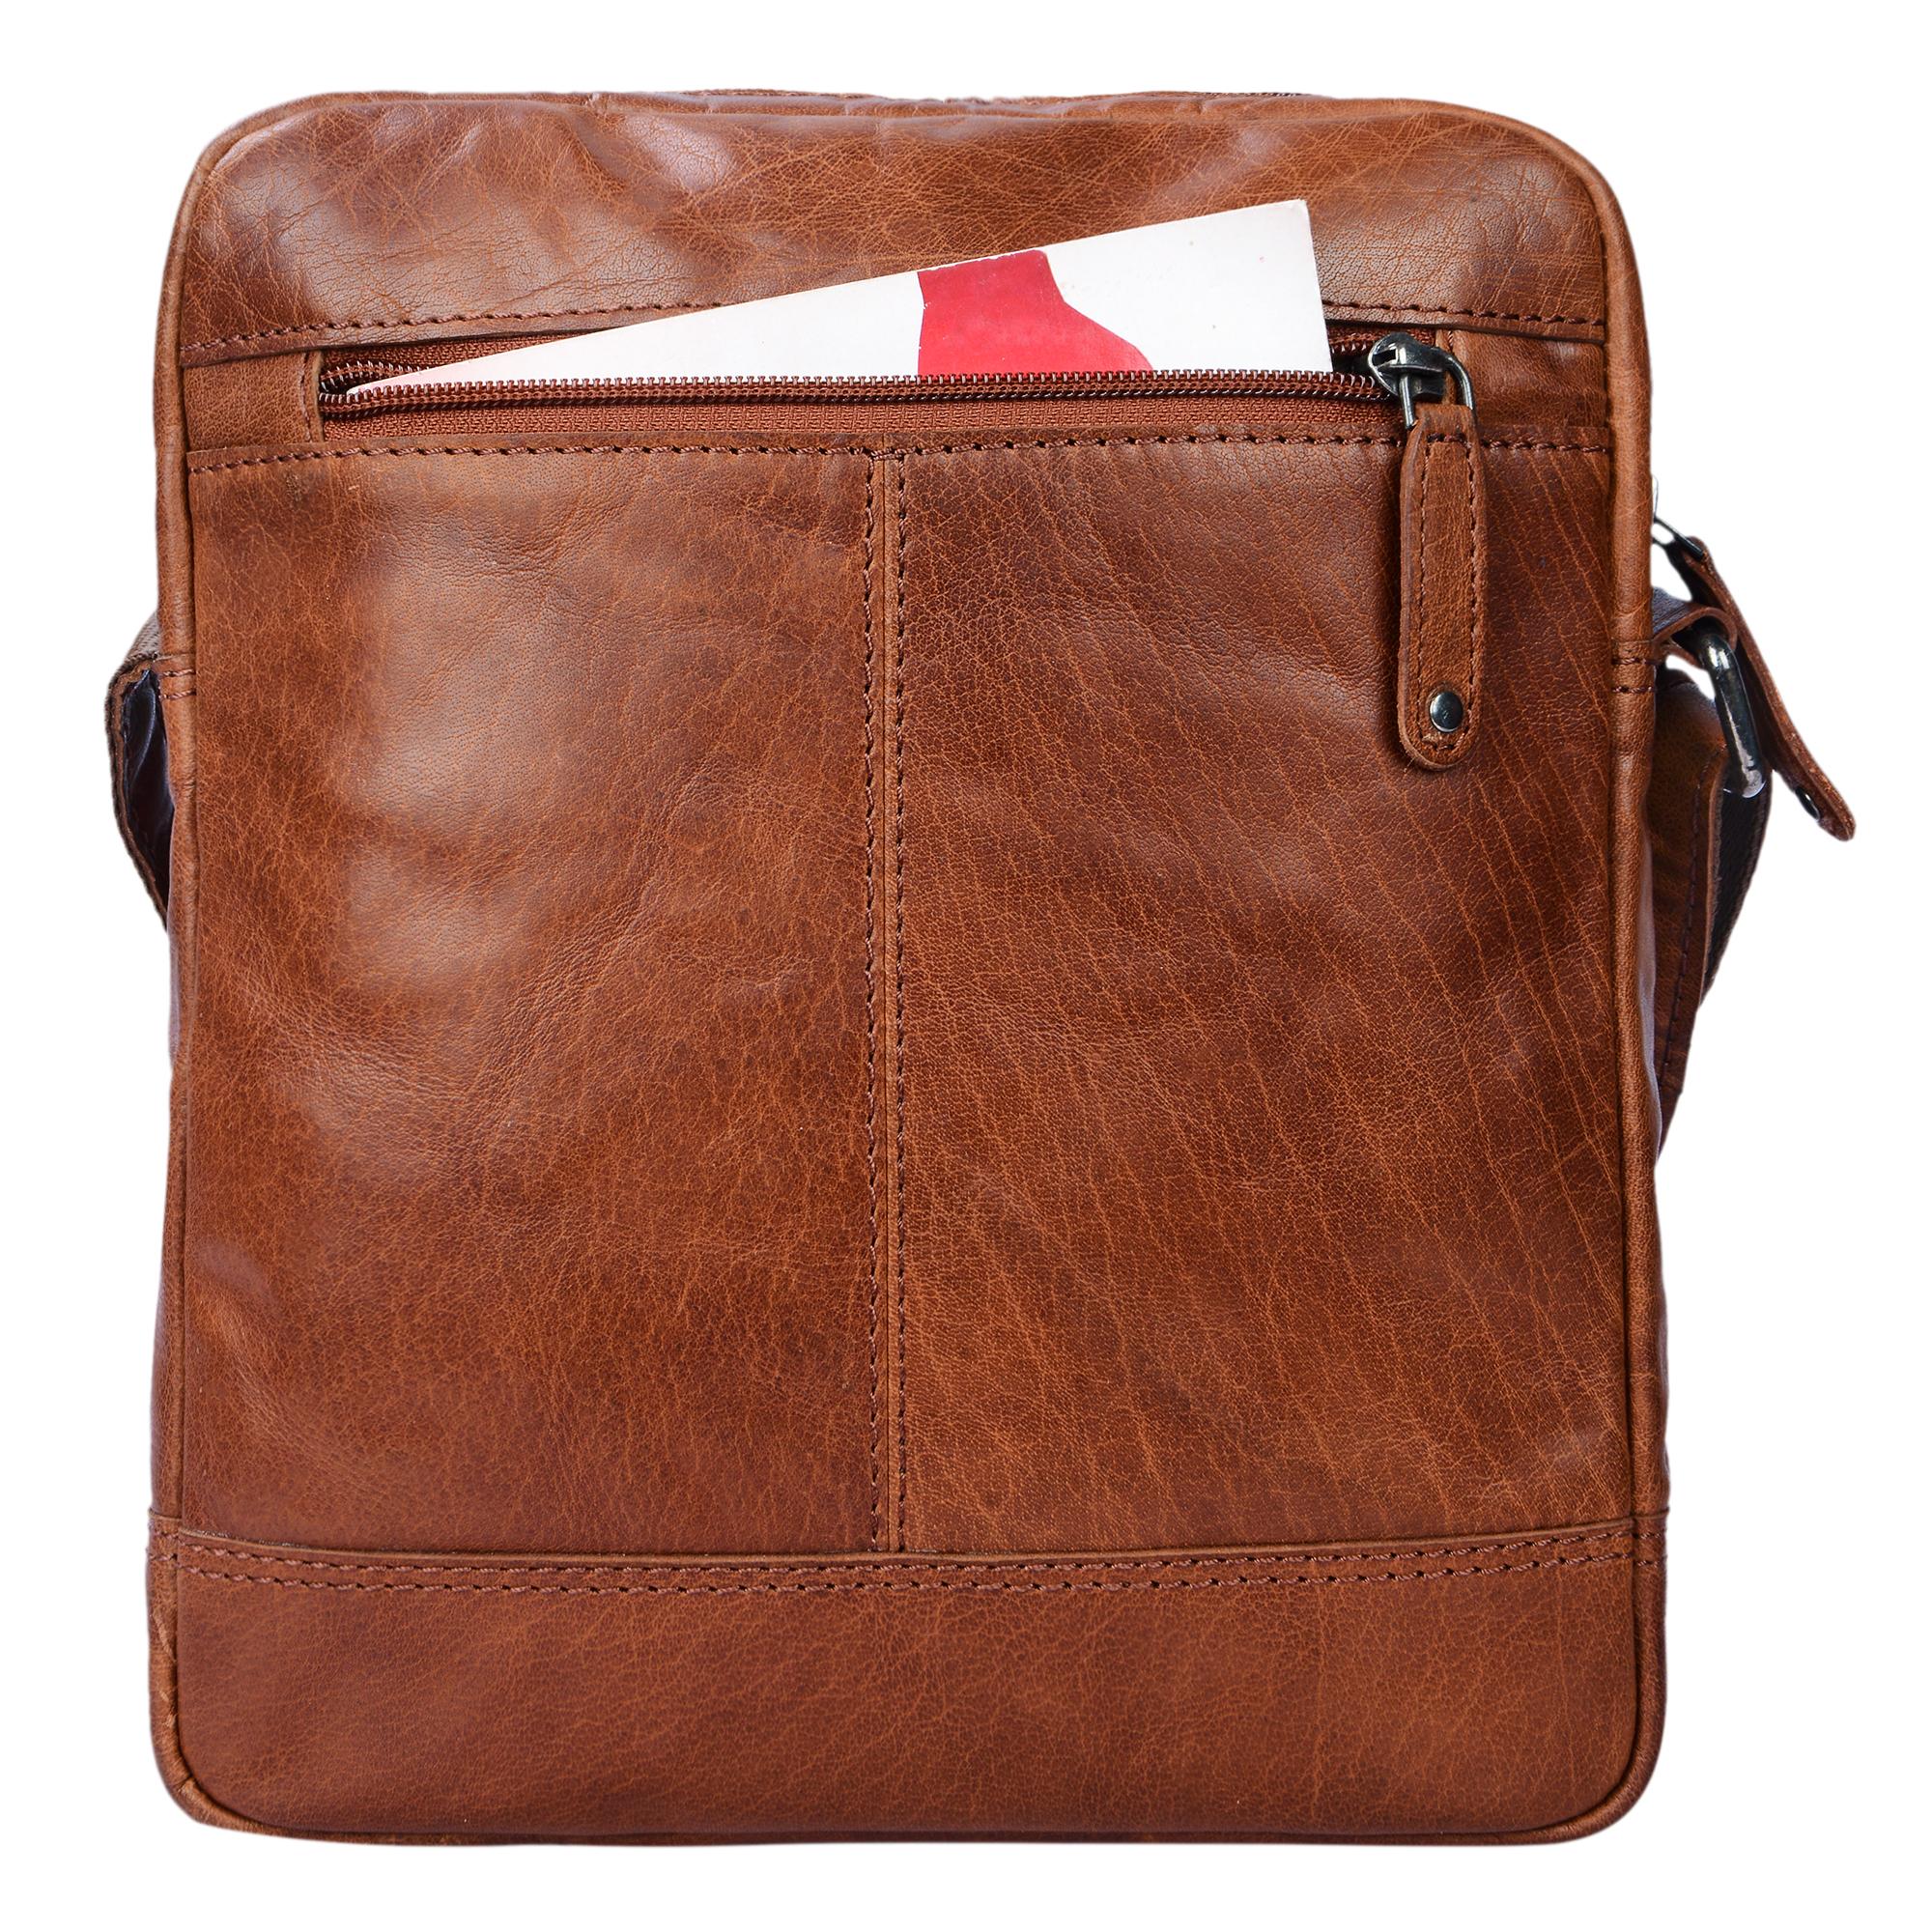 """STILORD """"Luan"""" Kleine Umhängetasche Leder Vintage für Männer und Frauen Messenger Bag mit 10.1 Zoll Tabletfach Cross Body Bag für DIN A5 aus echtem Leder - Bild 7"""